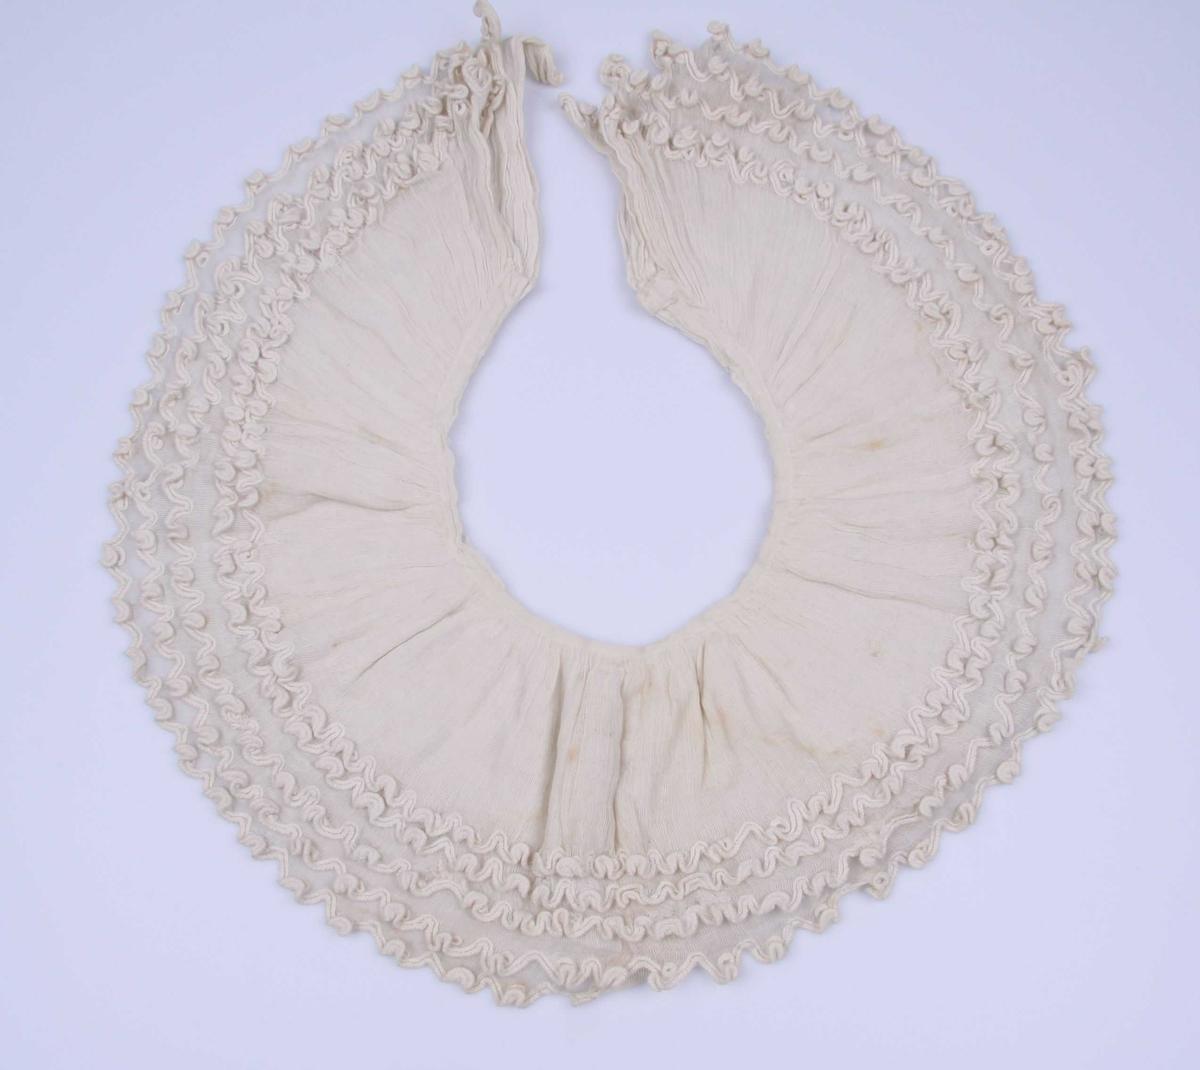 Av hvitt, meget åpent bomullsstoff. Kragen består av fem knapper avsluttet med dype tunger i tambur-søm og med brodert hull i hver tunge. Tett rynket ved halsen med kant av stoffet.